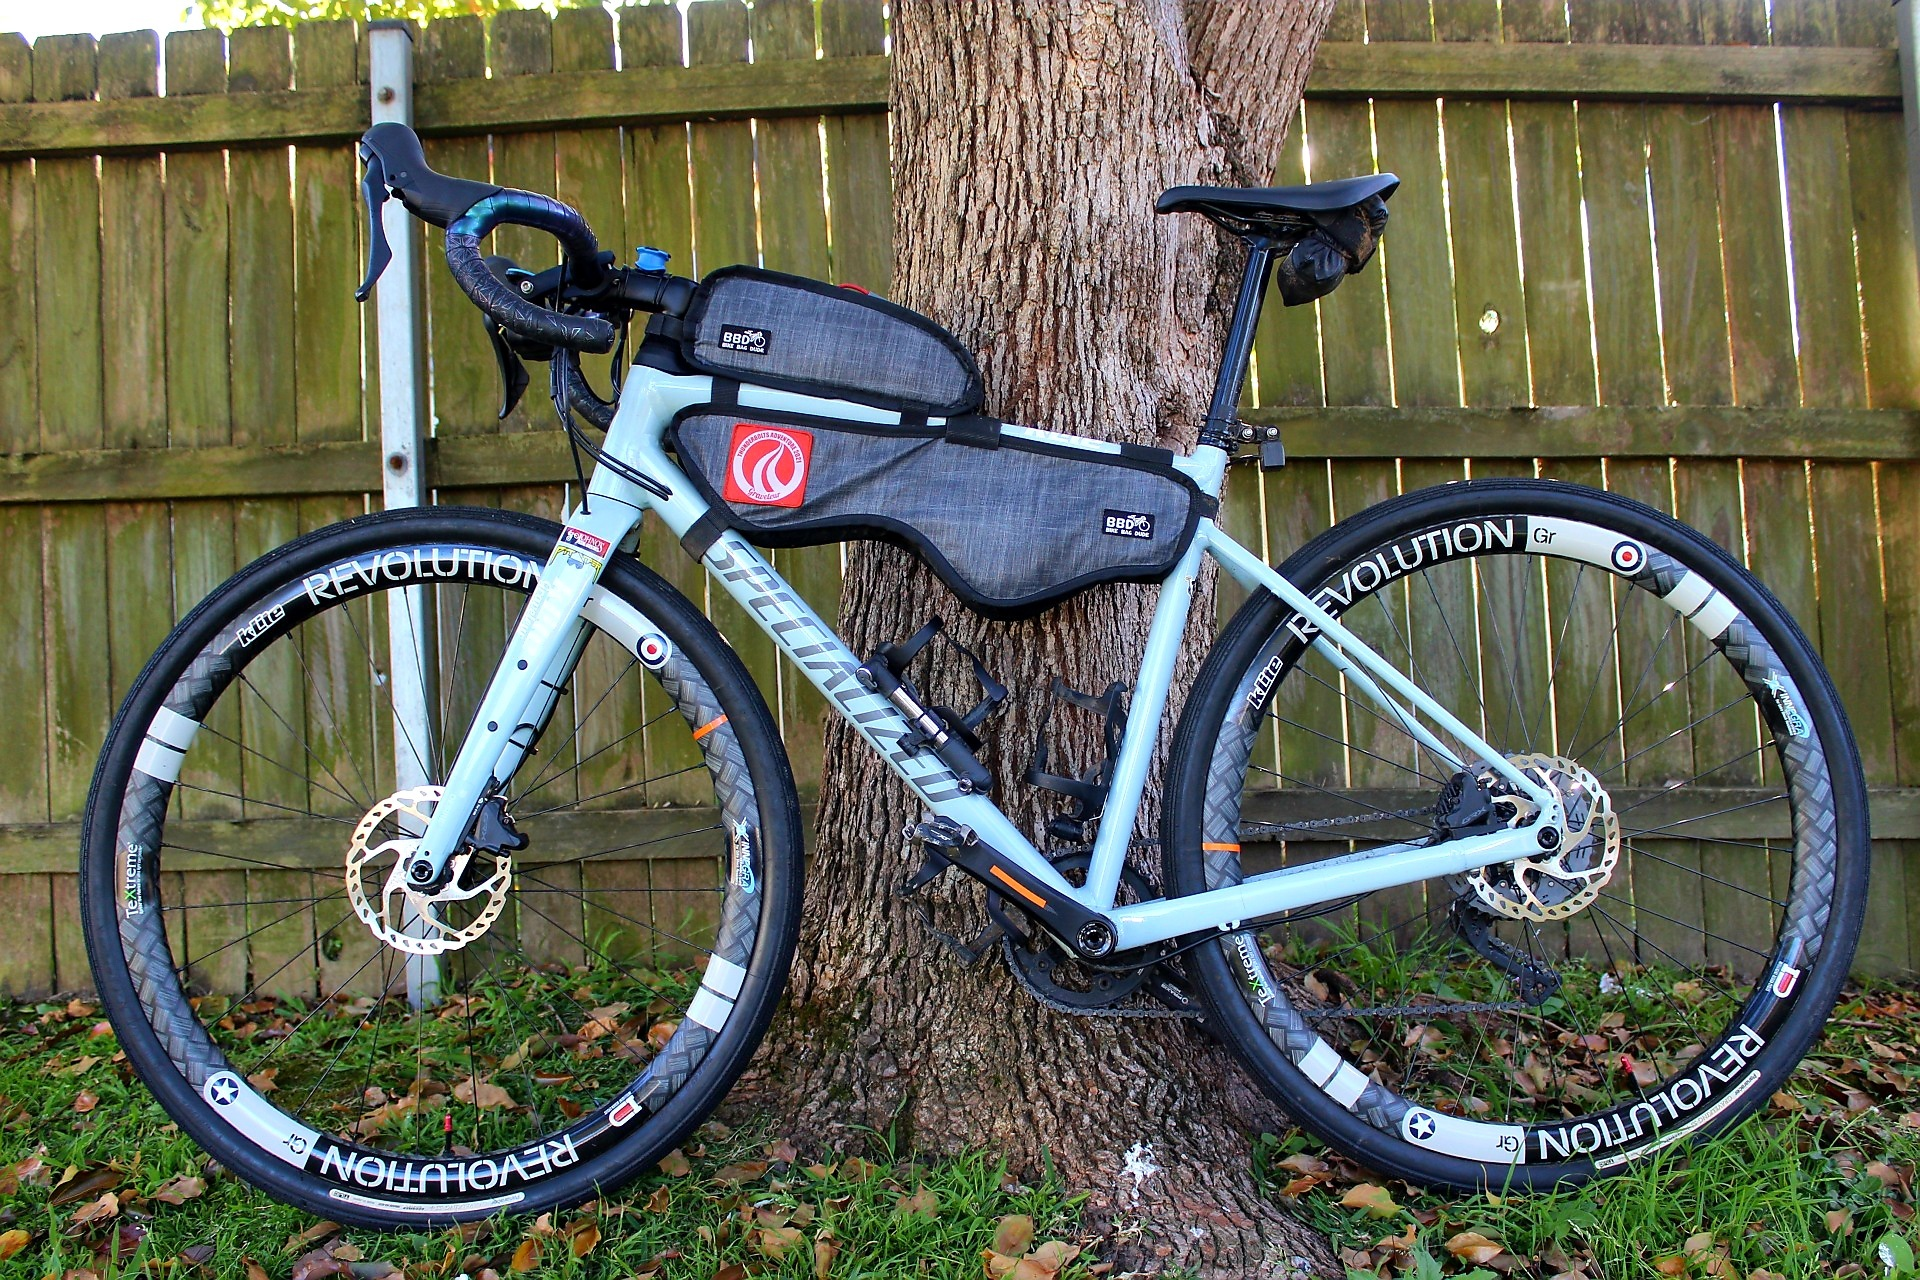 Bike Bag Dude bikepacking bags and kLite Revolution rims